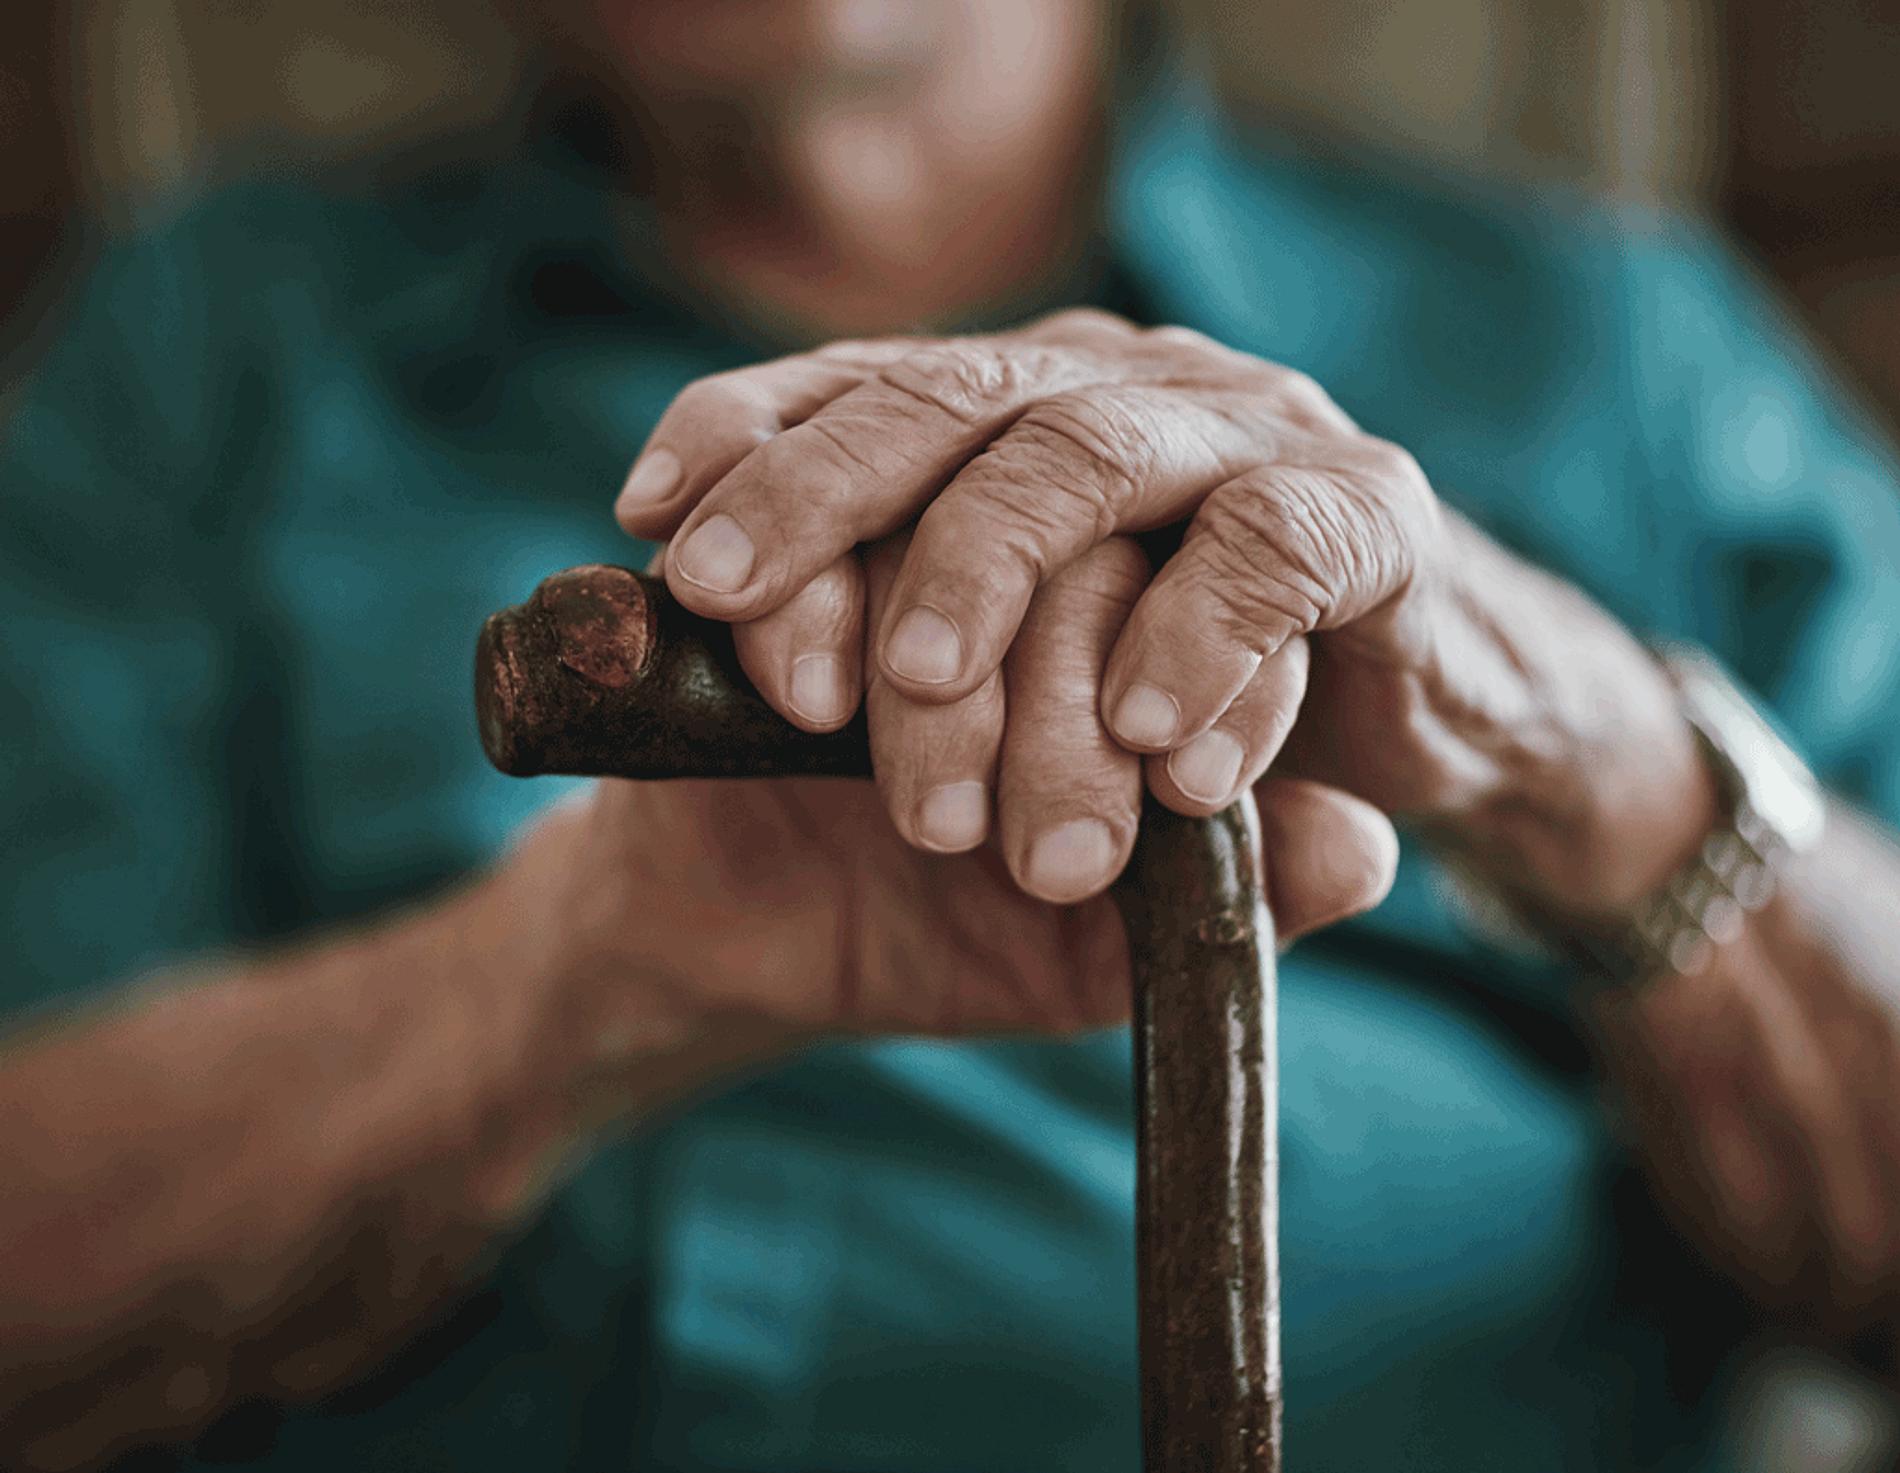 Older gentleman's hands resting on a cane